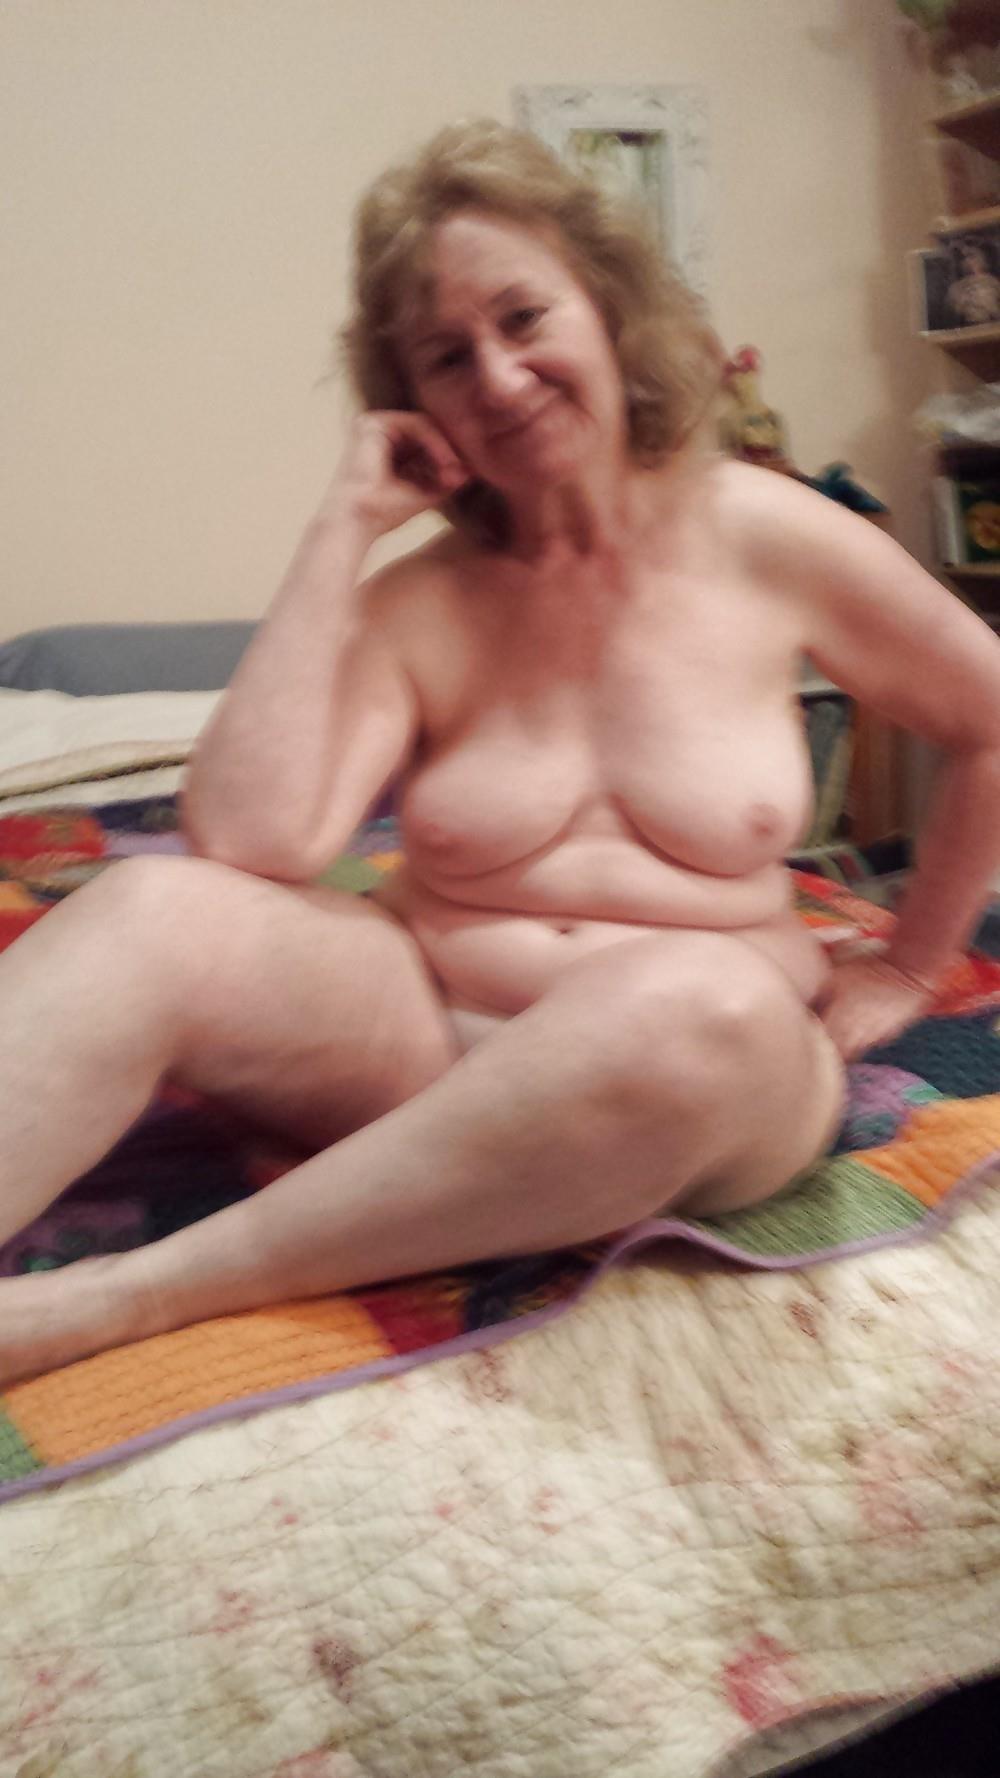 Chubby granny nude pics-1689